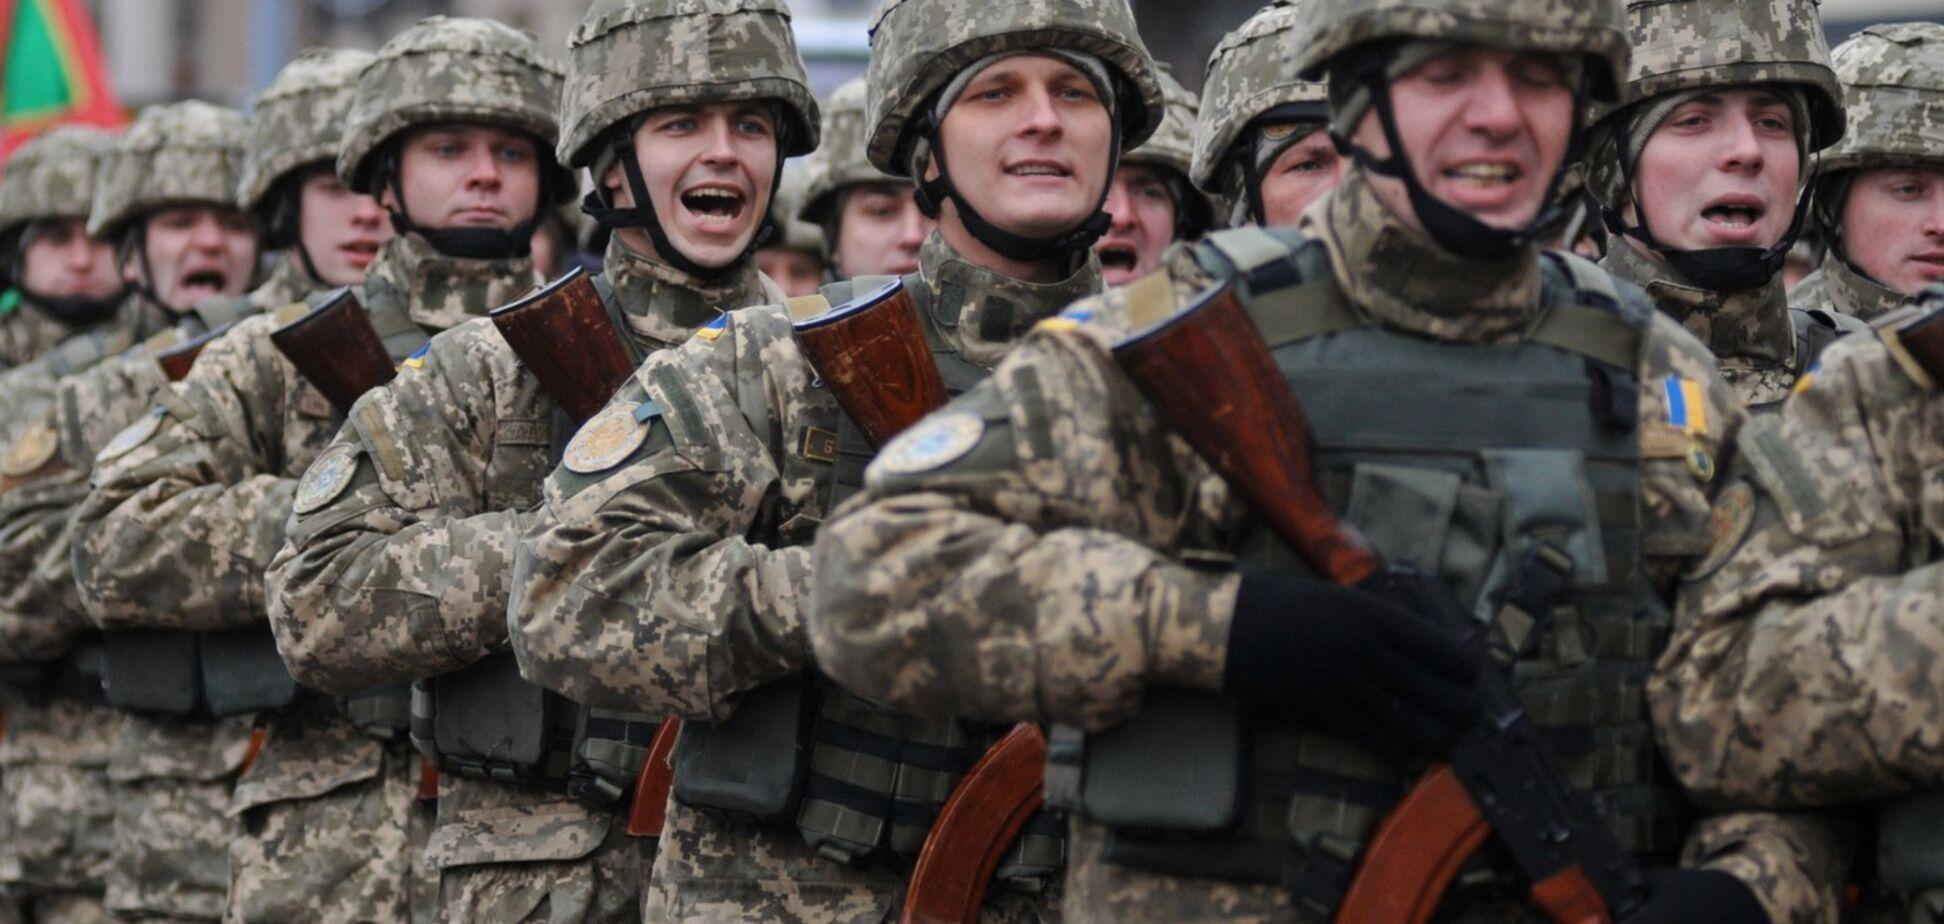 'Вимагають данину та по-звірячому б'ють': навколо свавілля у військових частинах України спалахнув скандал